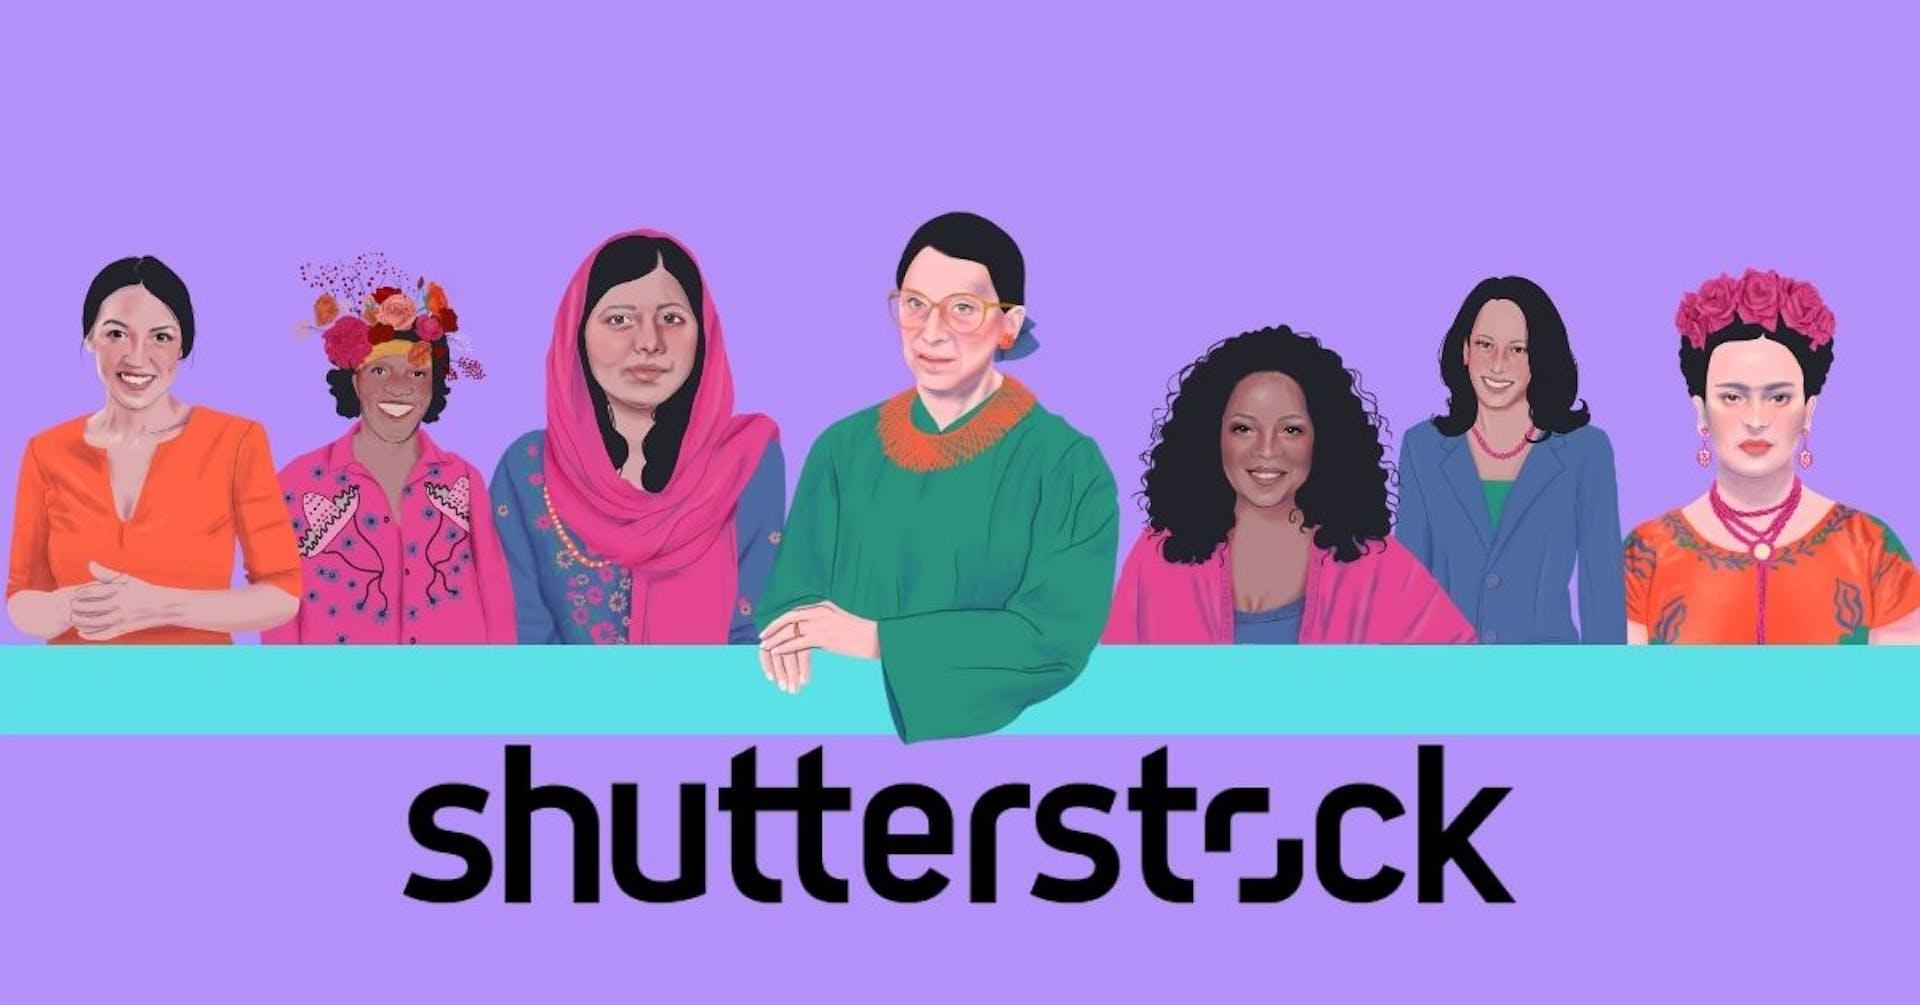 Shutterstock: 7 ilustraciones gratuitas de mujeres activistas